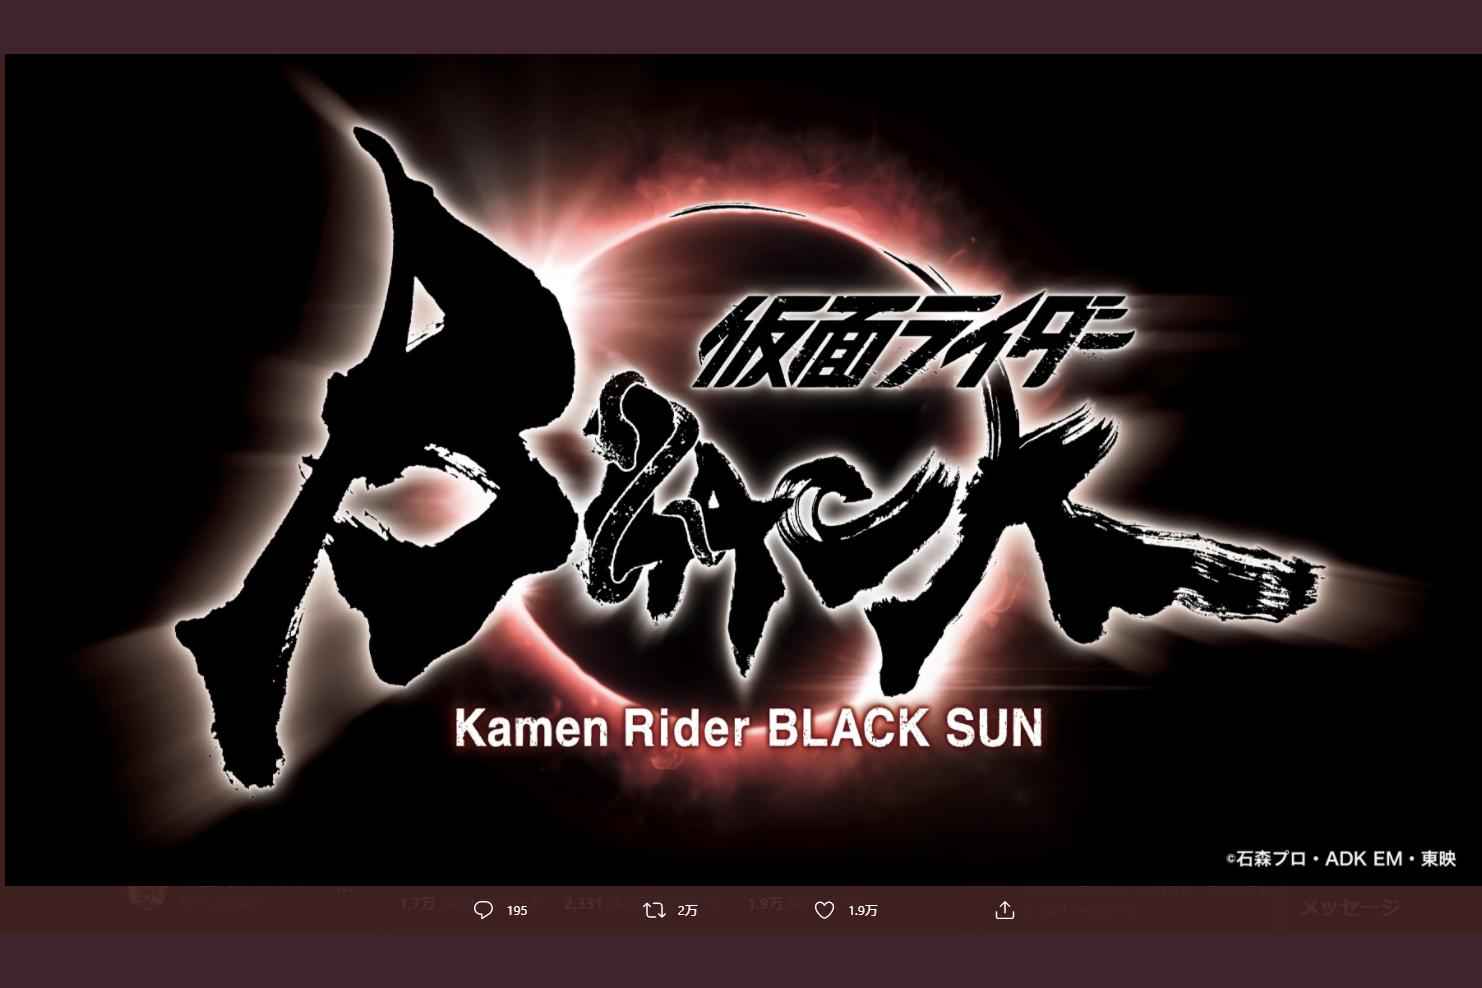 『仮面ライダーBLACK』リブート版『仮面ライダーBLACK SUN』が製作決定! ー 2022年春に始動